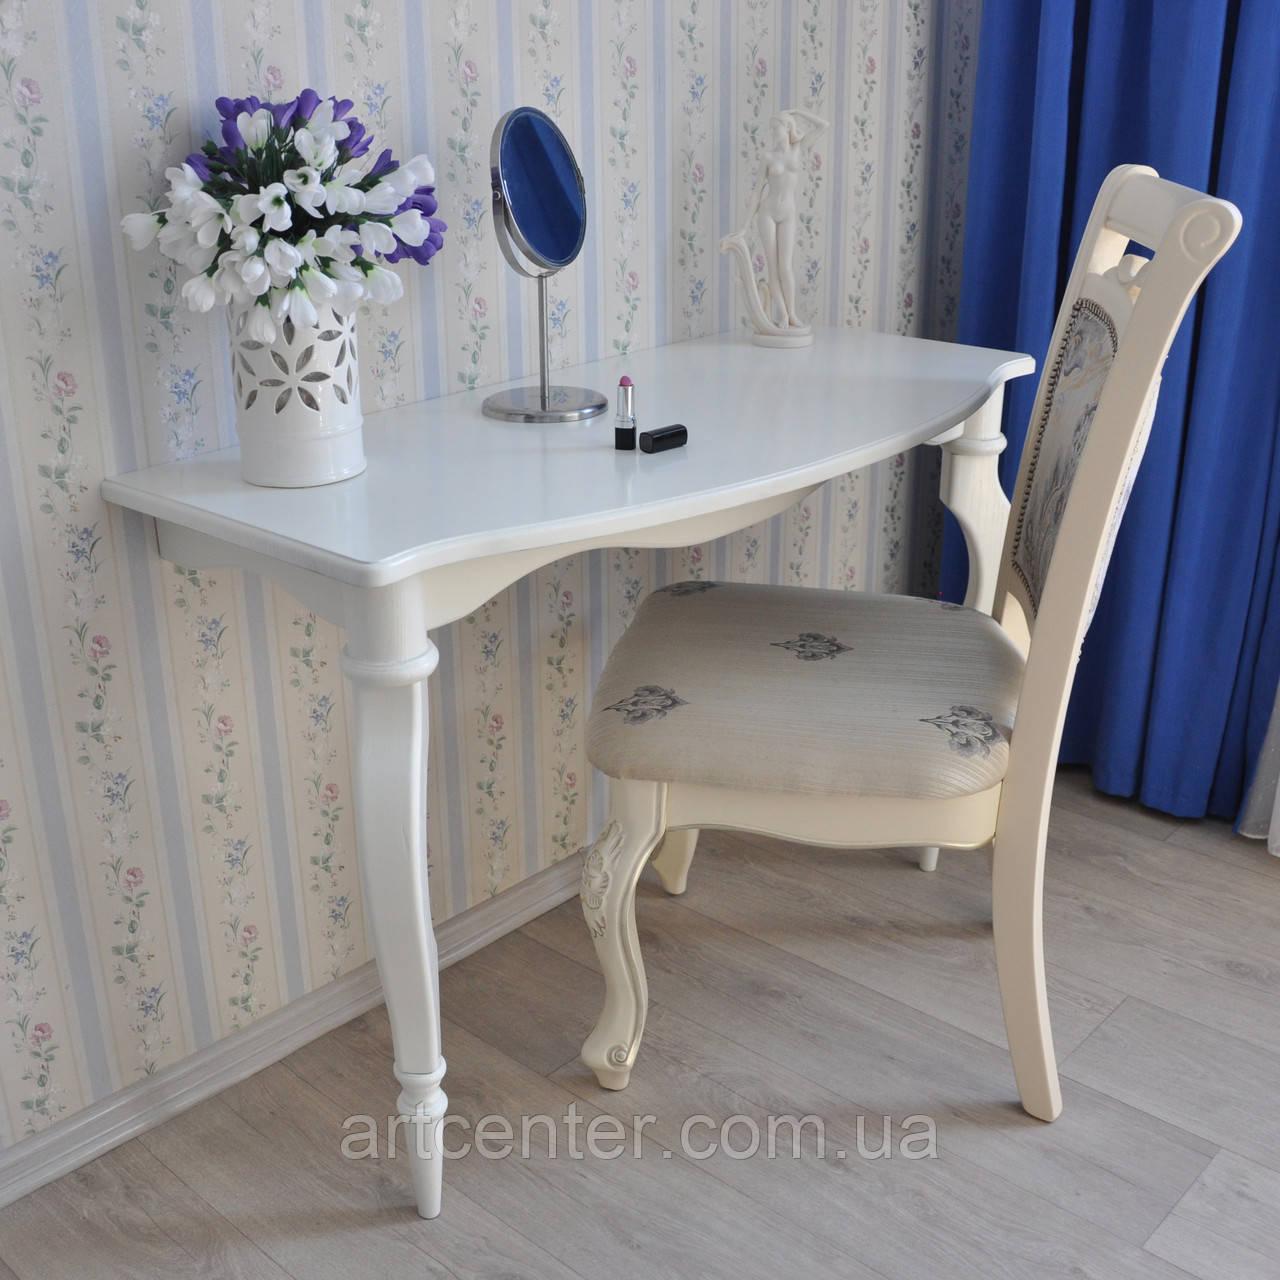 """Приставной столик на точеных ножках, консоль""""Прованс"""", белый"""